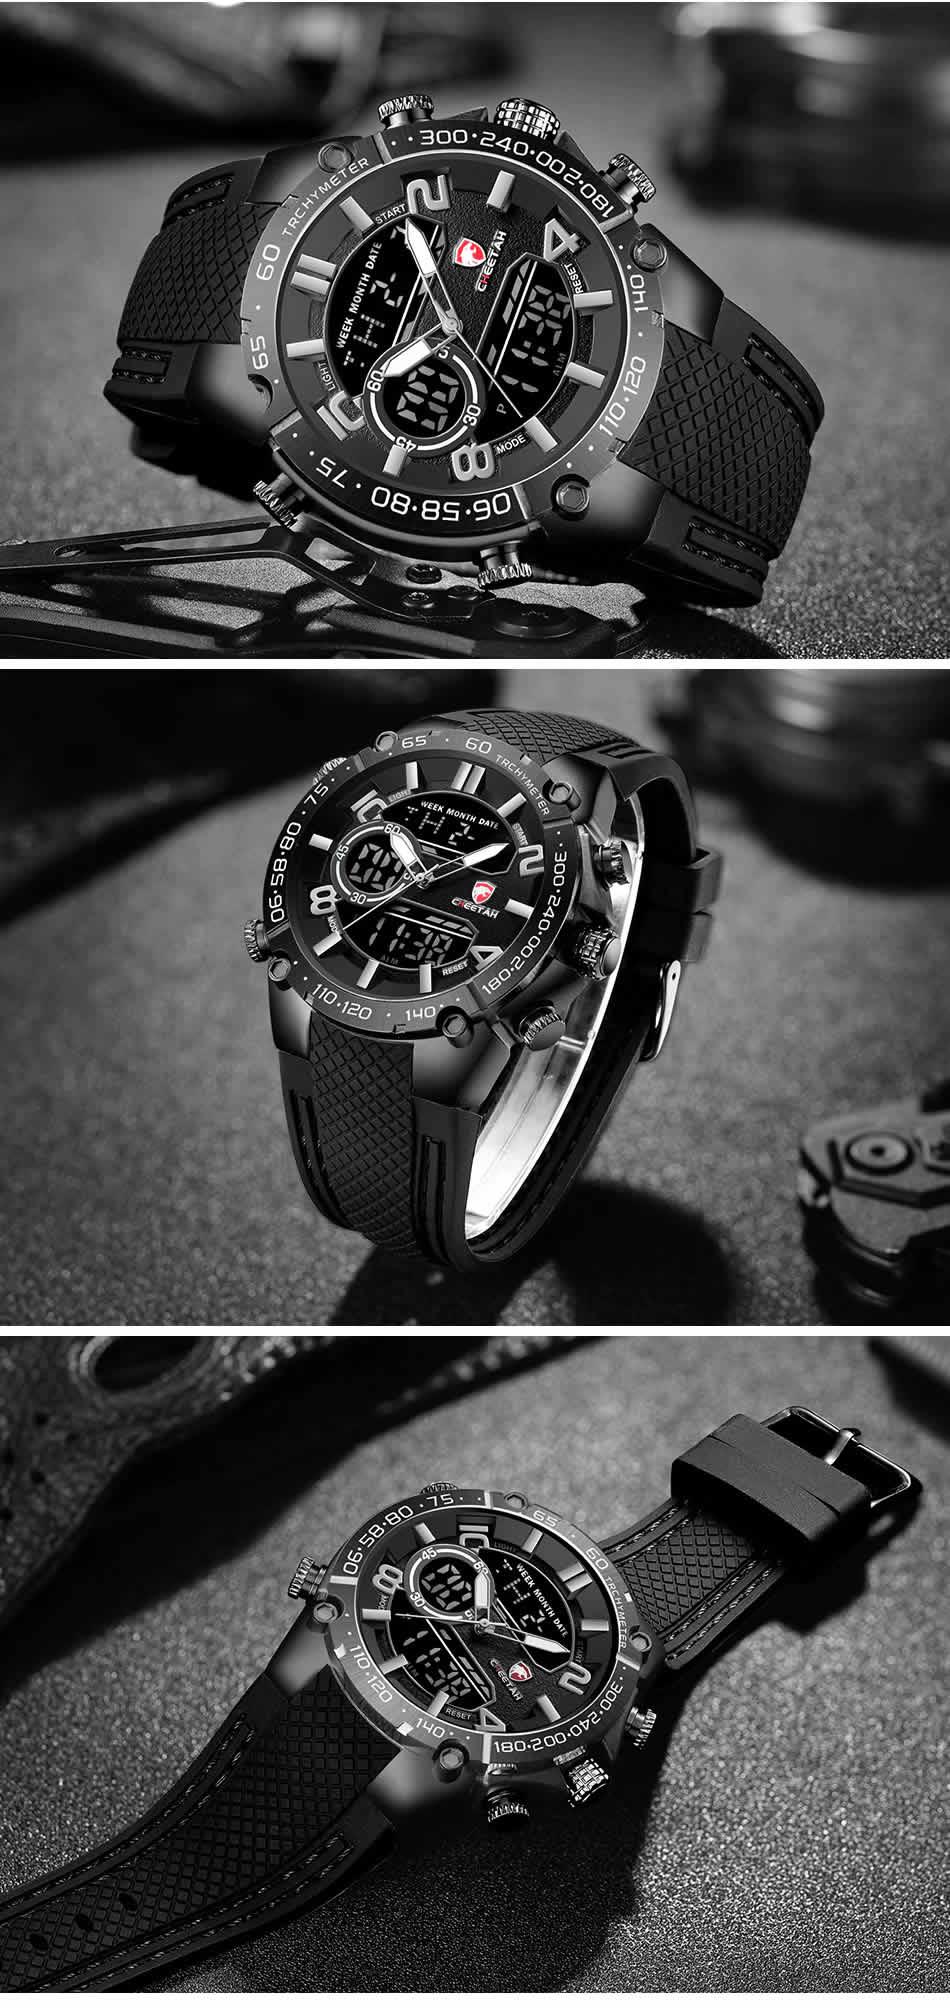 Relógio Cheetah de Luxo Masculino Militar Esportivo Luminiso de Luxo Painel